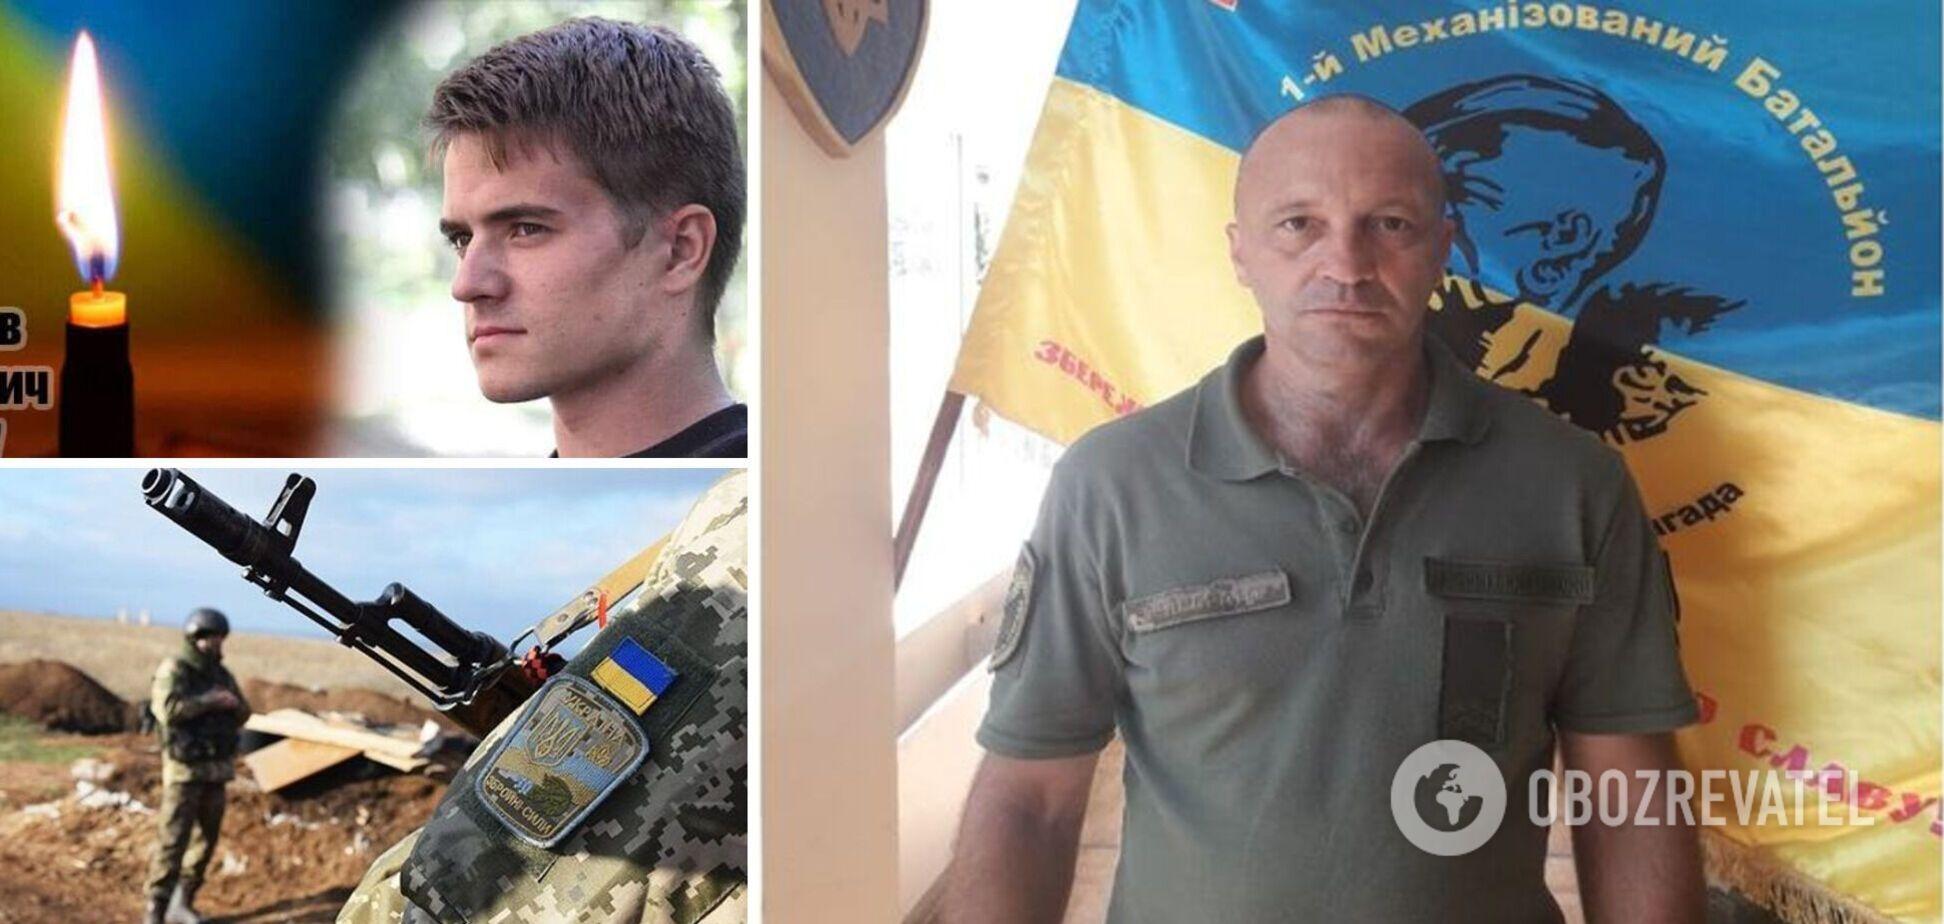 Від куль окупантів загинули 23-річний Владислав Мороз і 49-річний Віктор Гелебрант